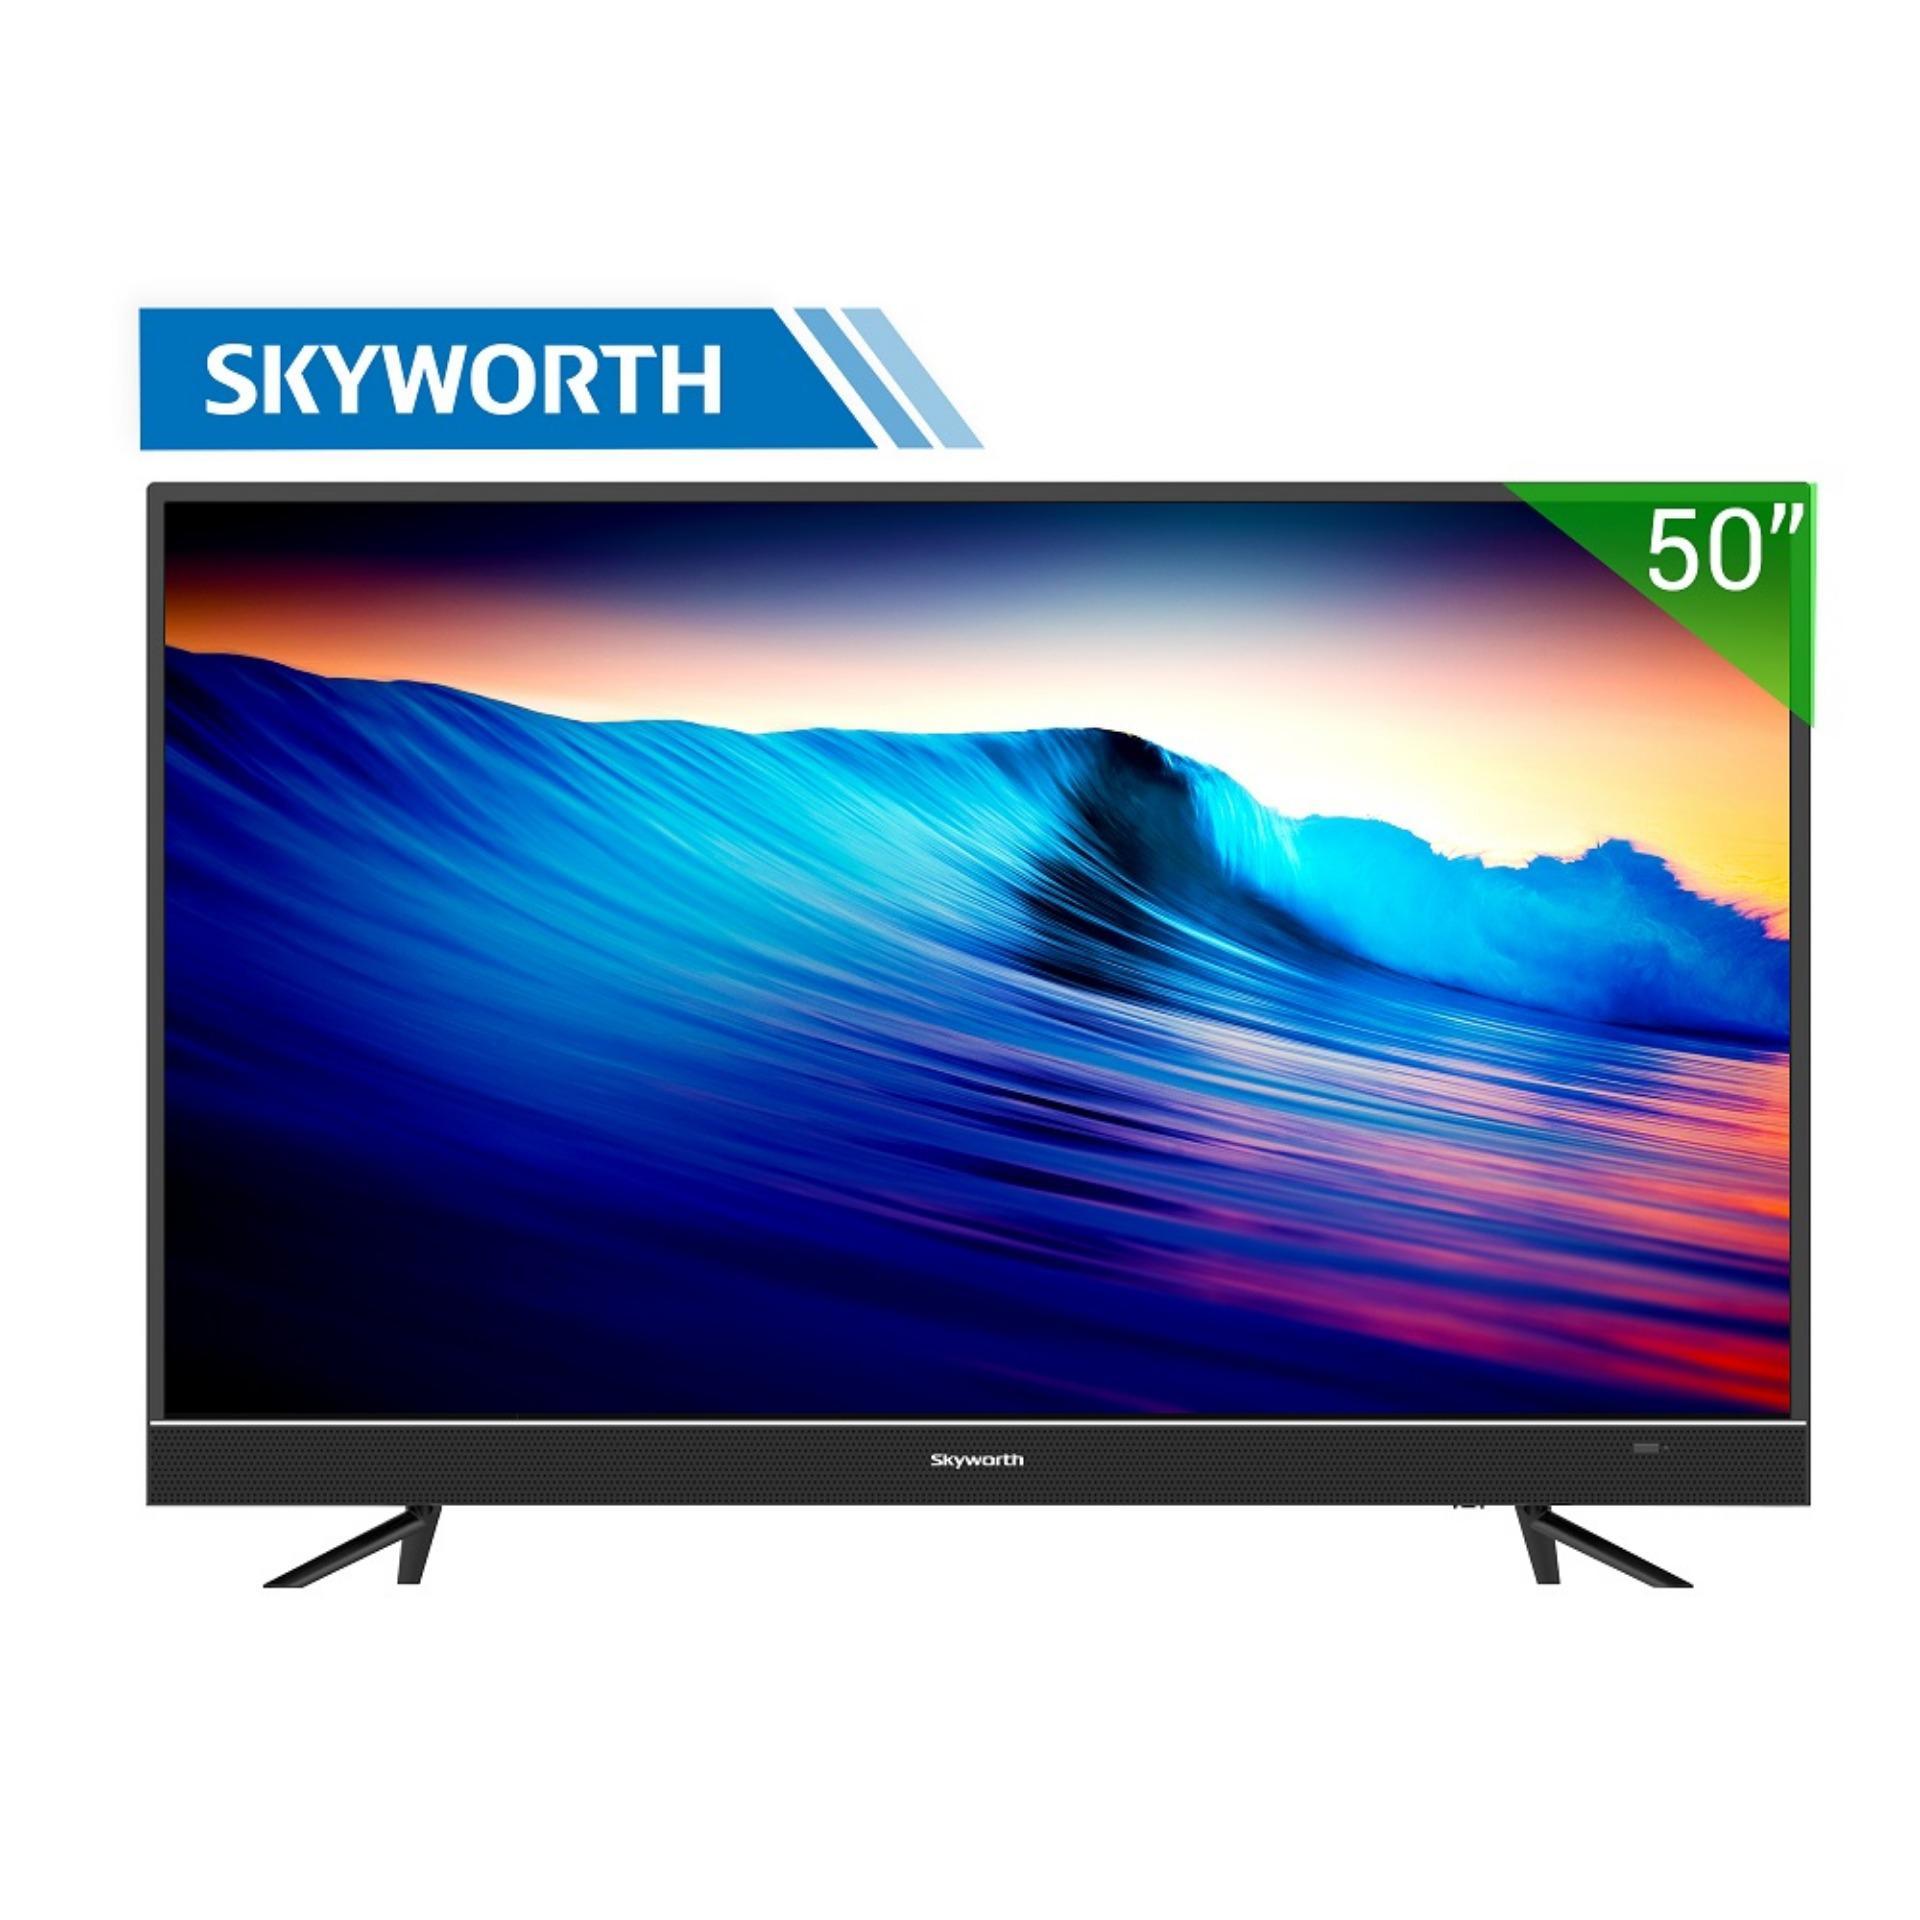 Smart TV Skyworth 50 inch 4K Ultra HD – Model 50U5 (Đen) – Hãng phân phối chính thức